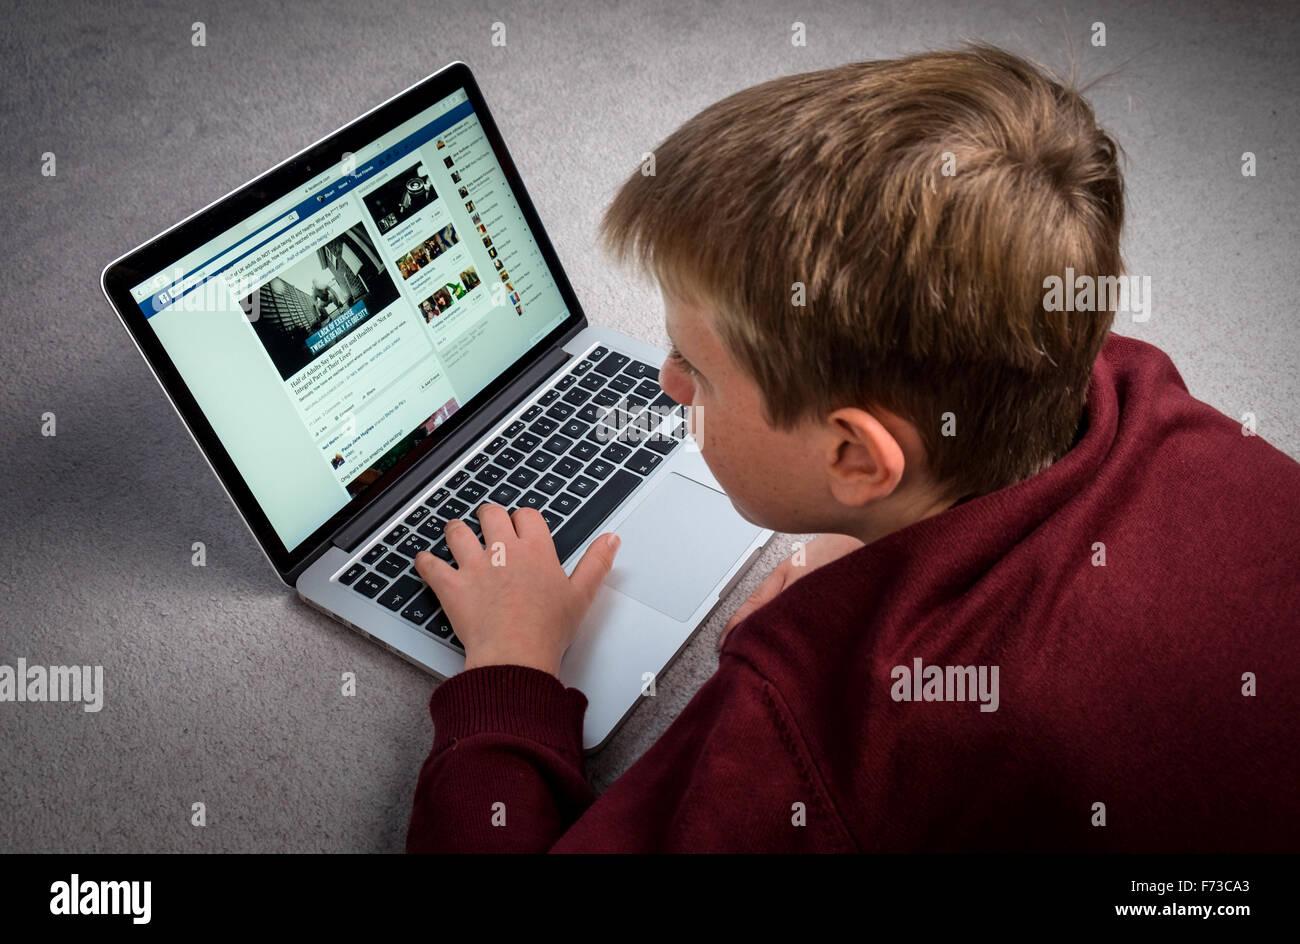 Un garçon à la recherche à Facebook sur un ordinateur portable Photo Stock